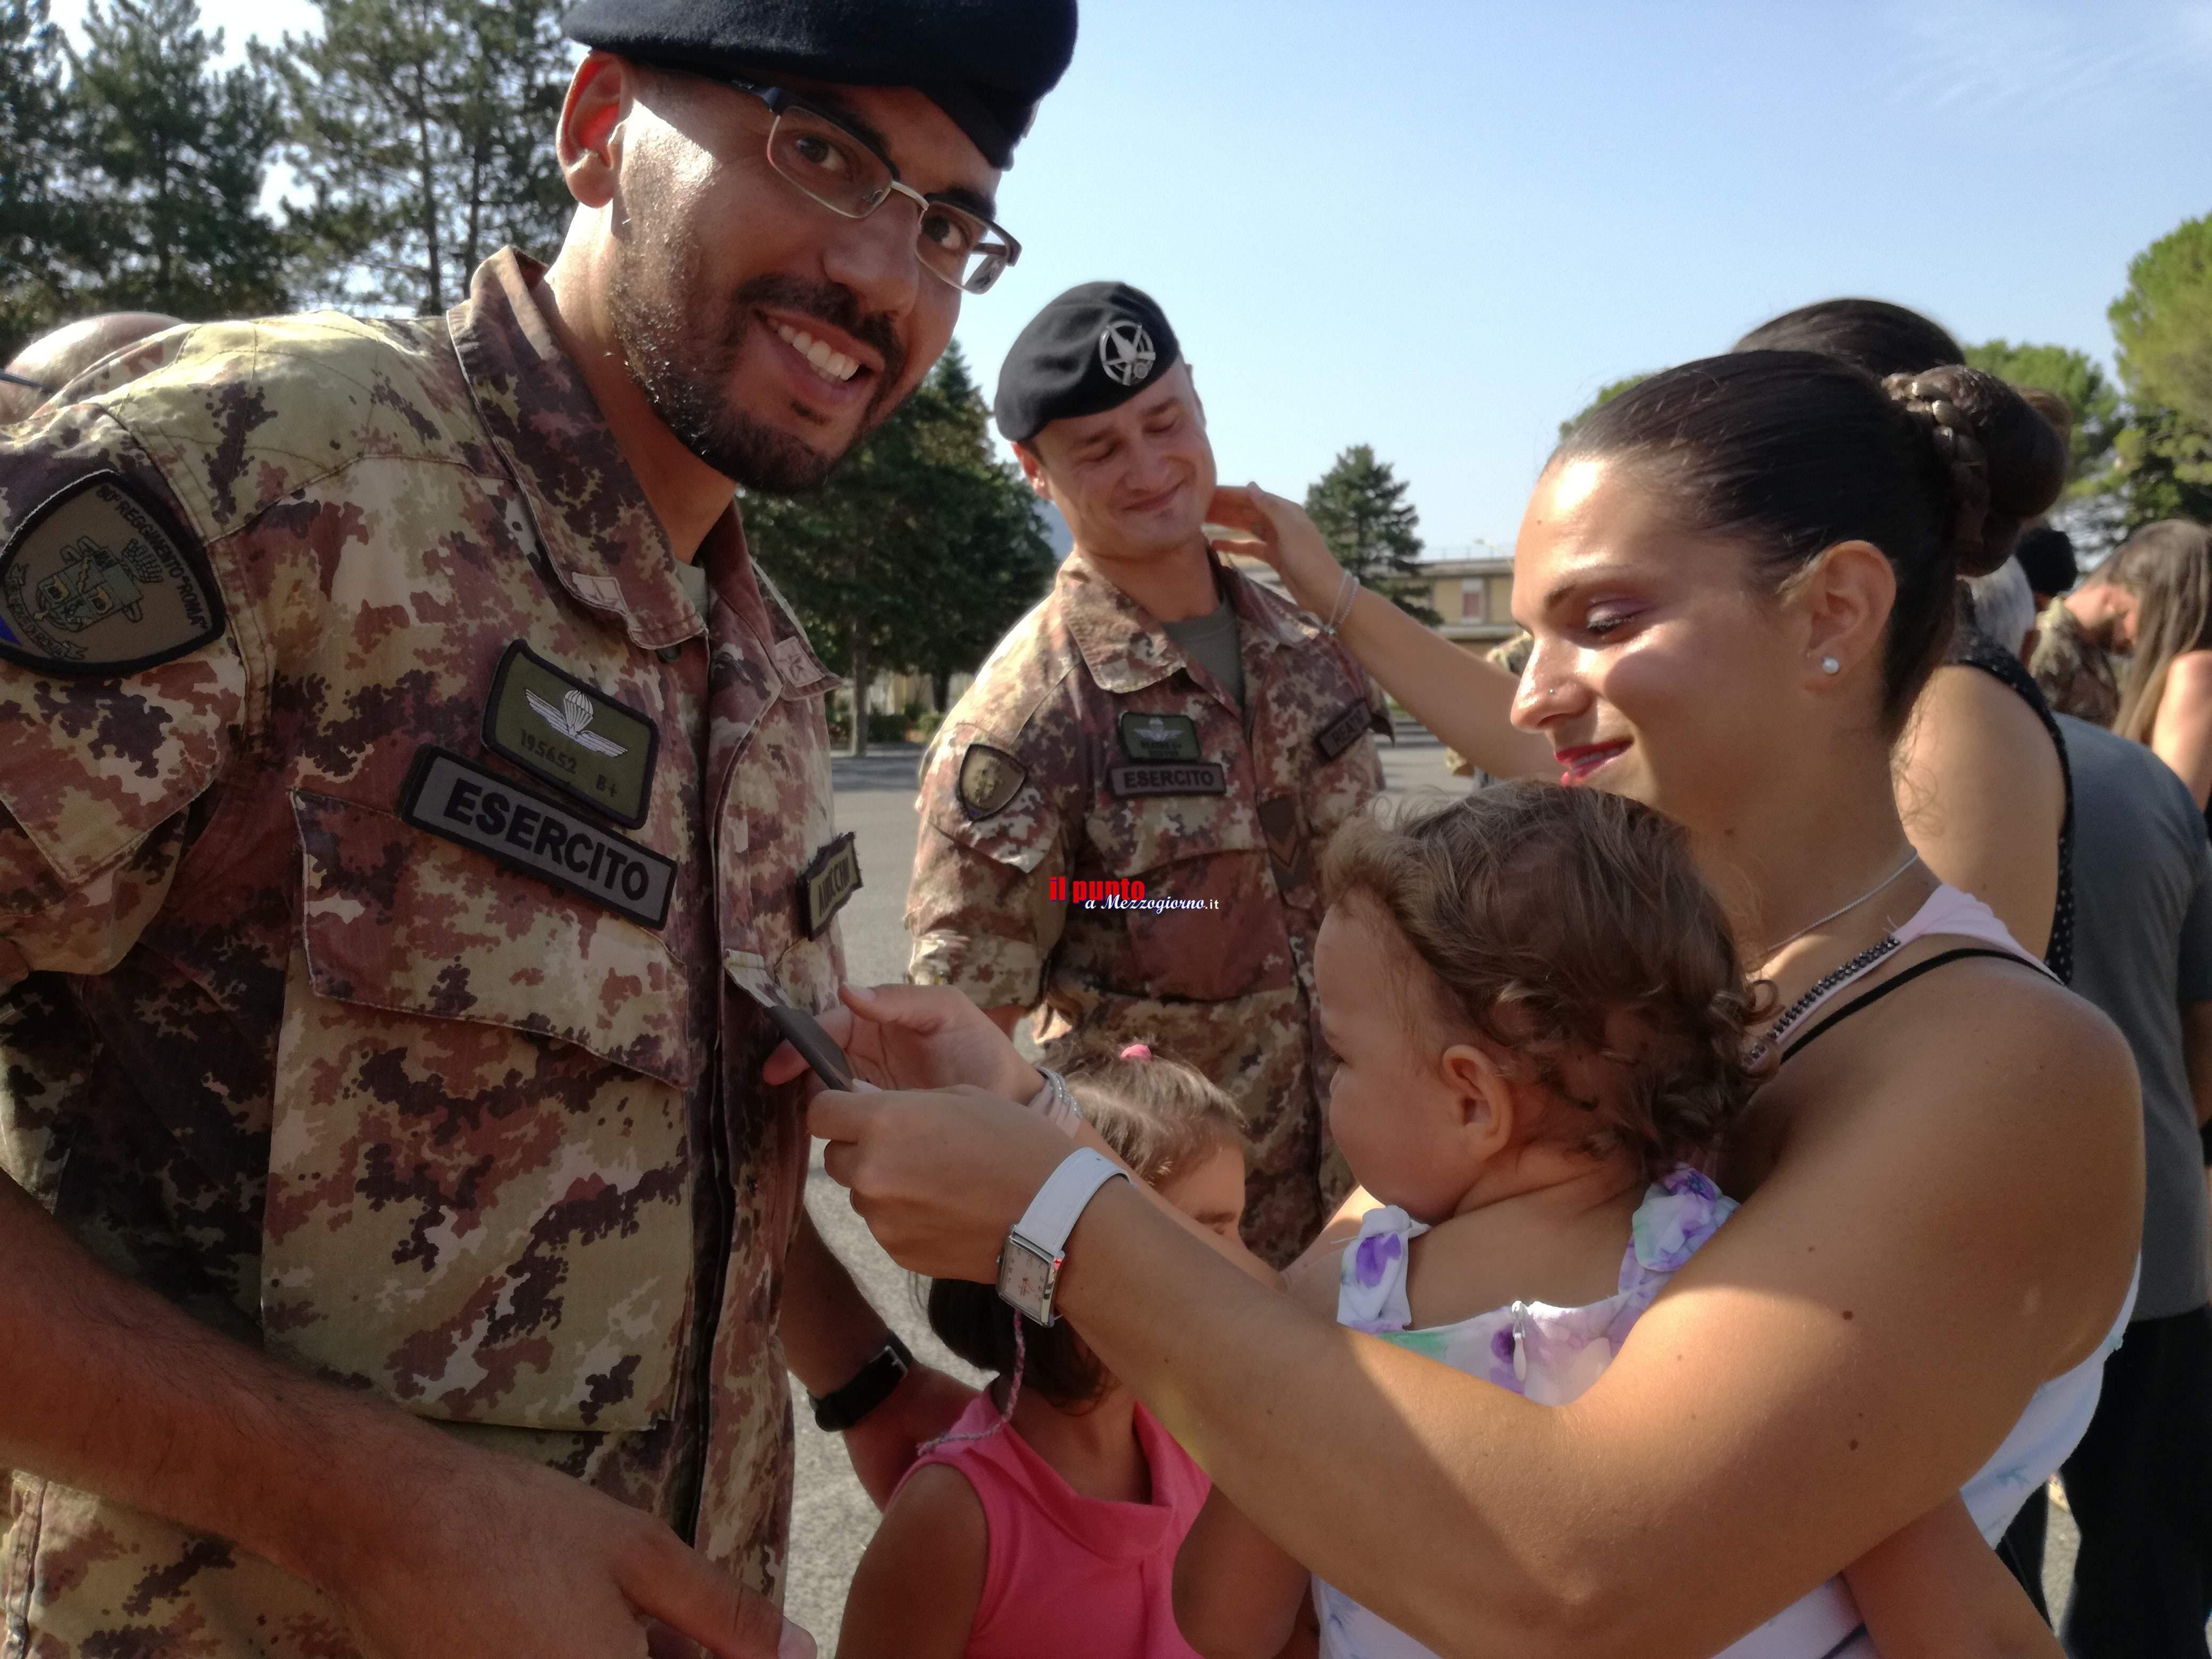 Cassino: Cerimonia di chiusura del 21° corso Sergenti all'80° Reggimento Roma. Emozioni e soddisfazioni